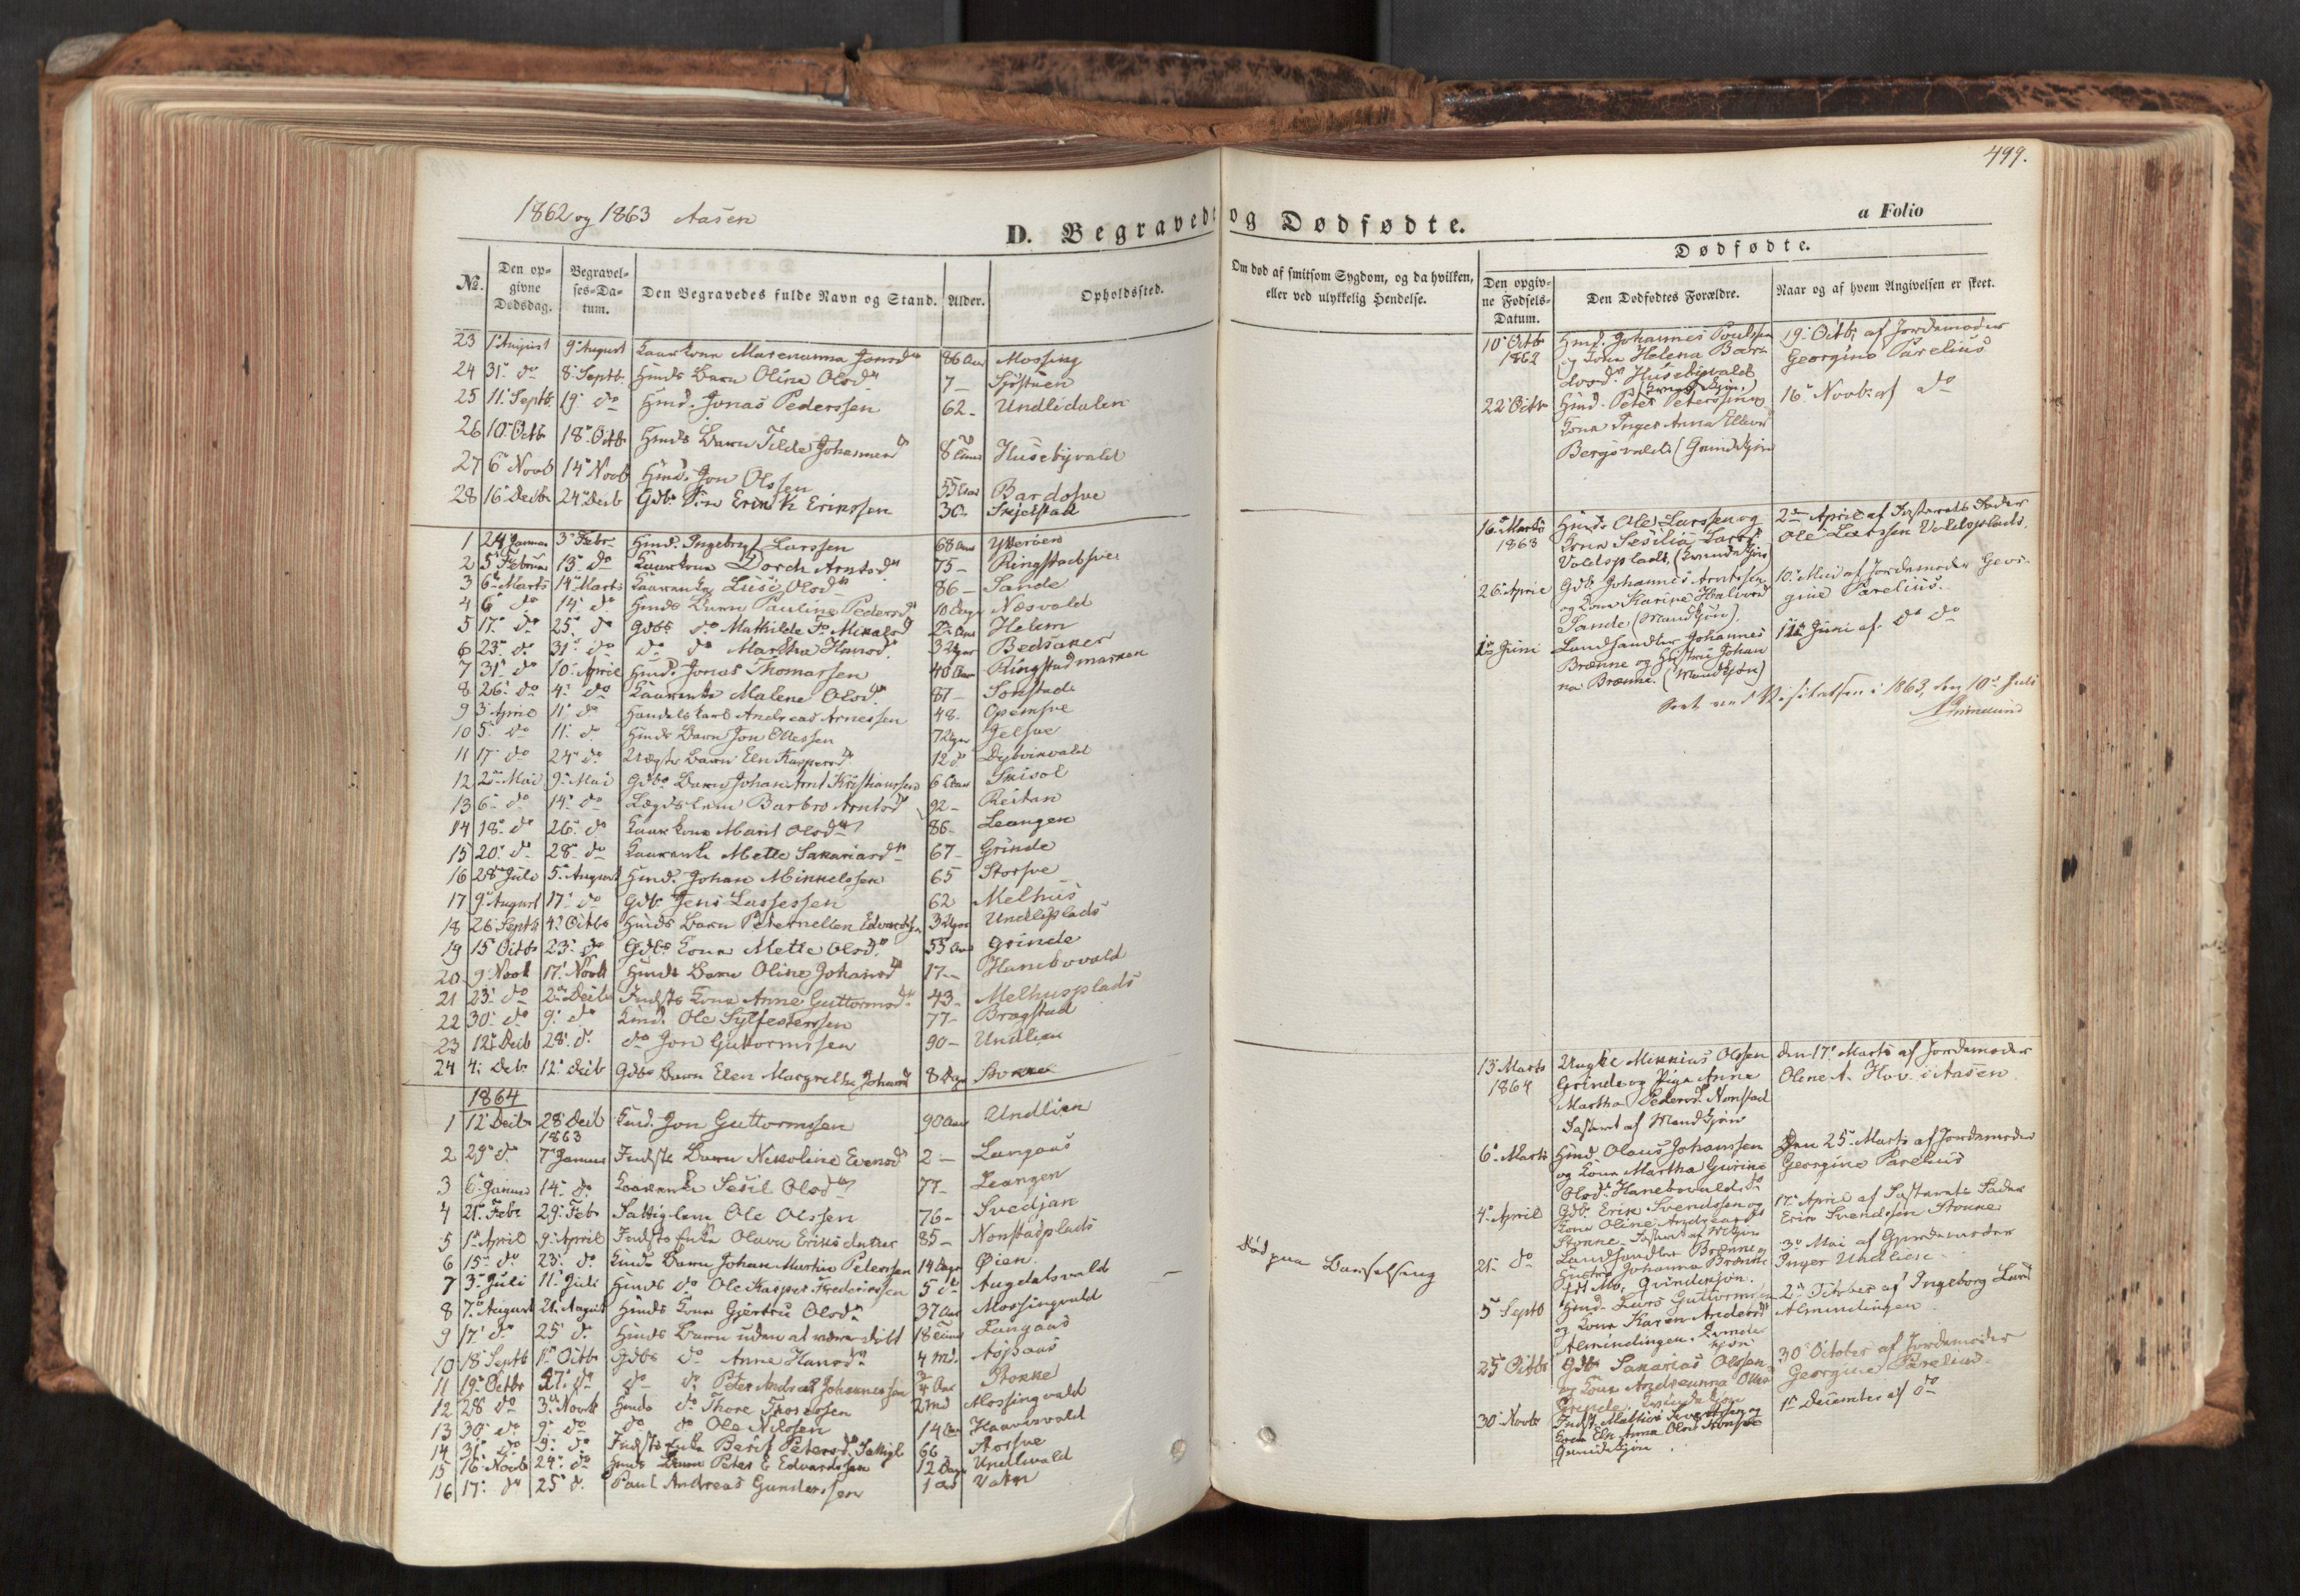 SAT, Ministerialprotokoller, klokkerbøker og fødselsregistre - Nord-Trøndelag, 713/L0116: Ministerialbok nr. 713A07, 1850-1877, s. 499